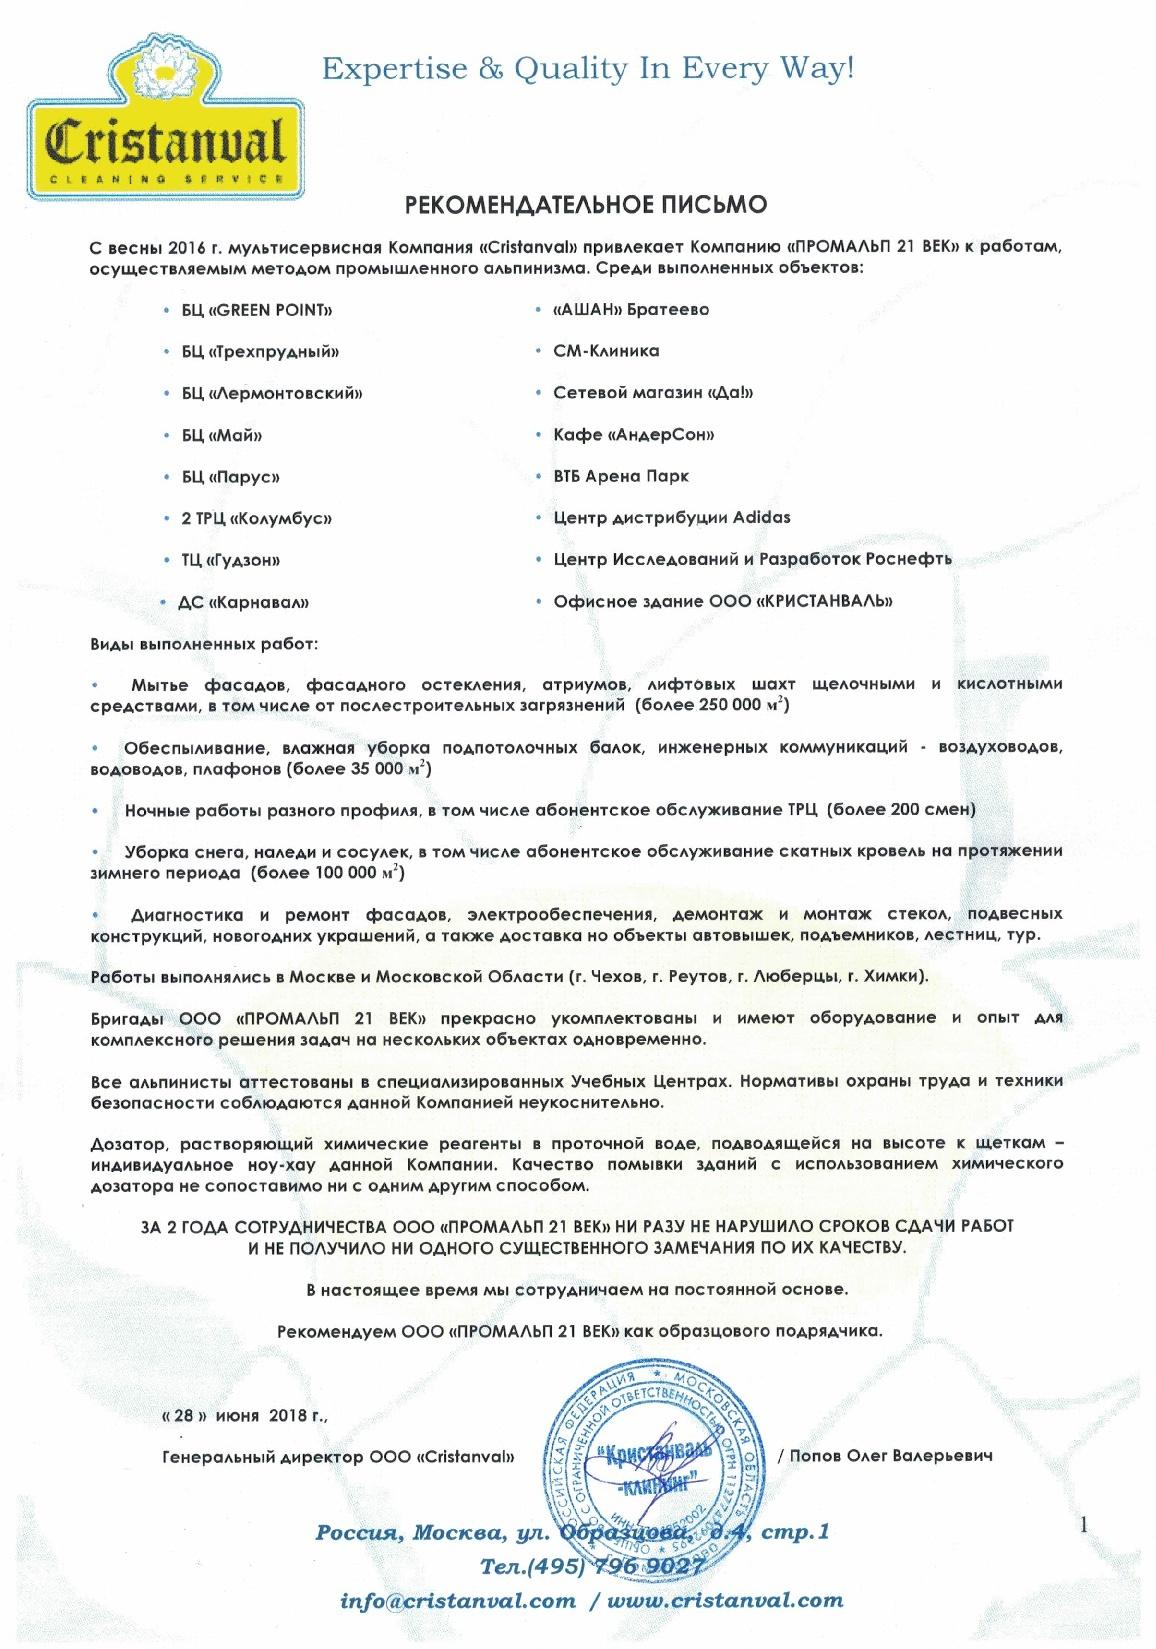 """ООО """"КРИСТАНВАЛЬ"""" – Рекомендательное письмо"""